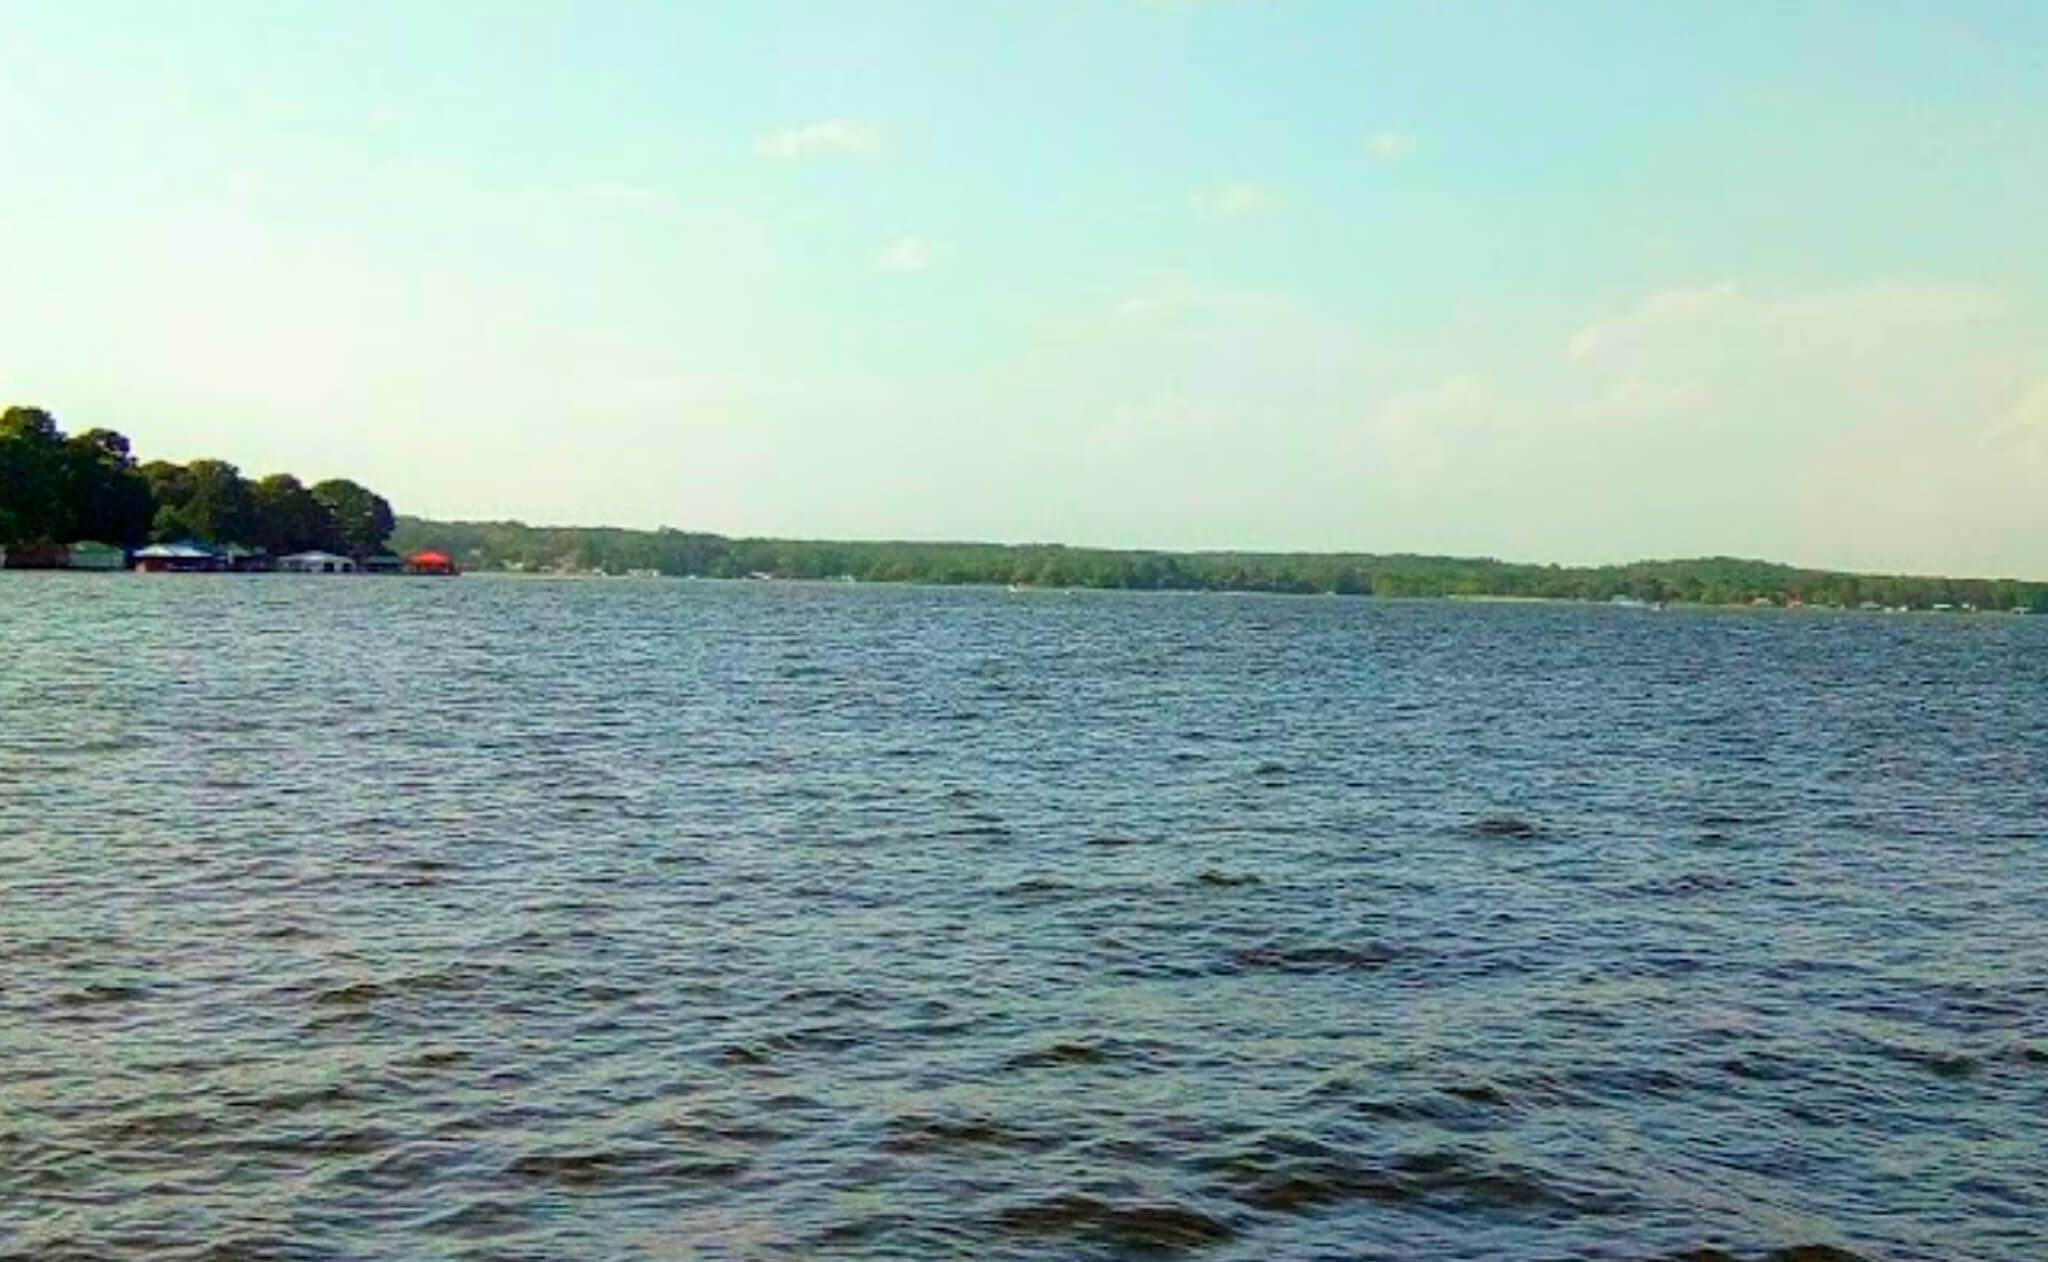 Palestine-Lake-Fishing-Report-Guide-Texas-TX-03